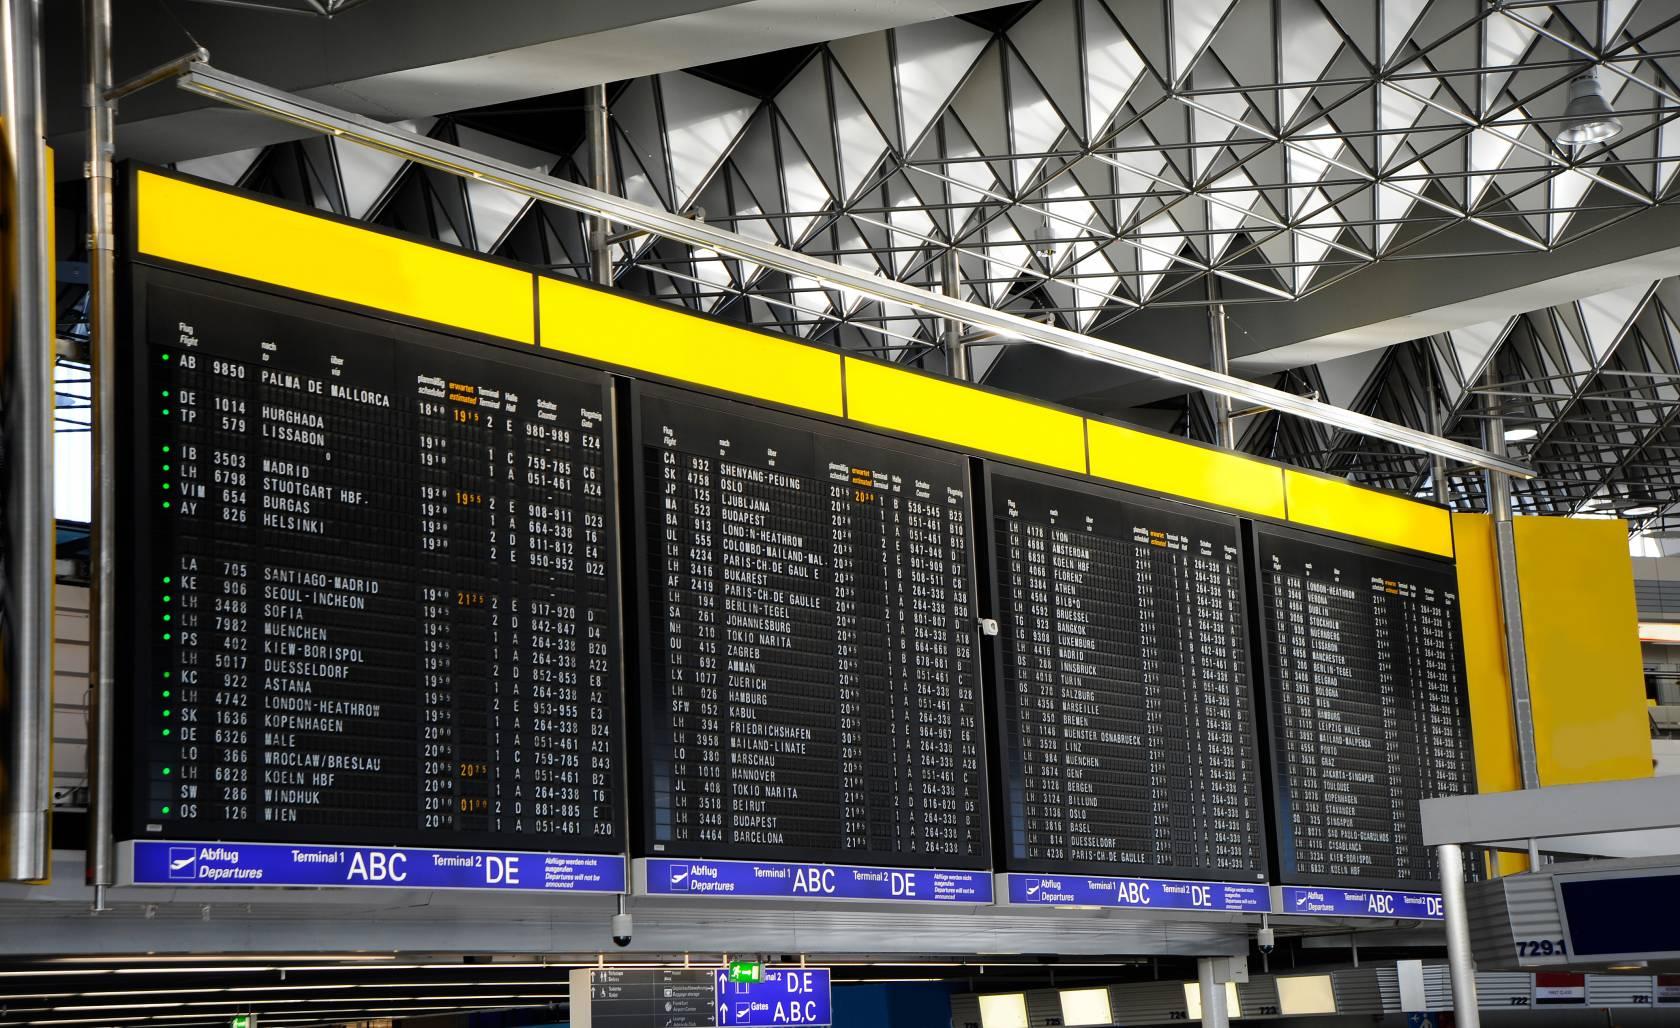 Possibilidade de nova greve de controladores aéreos em França